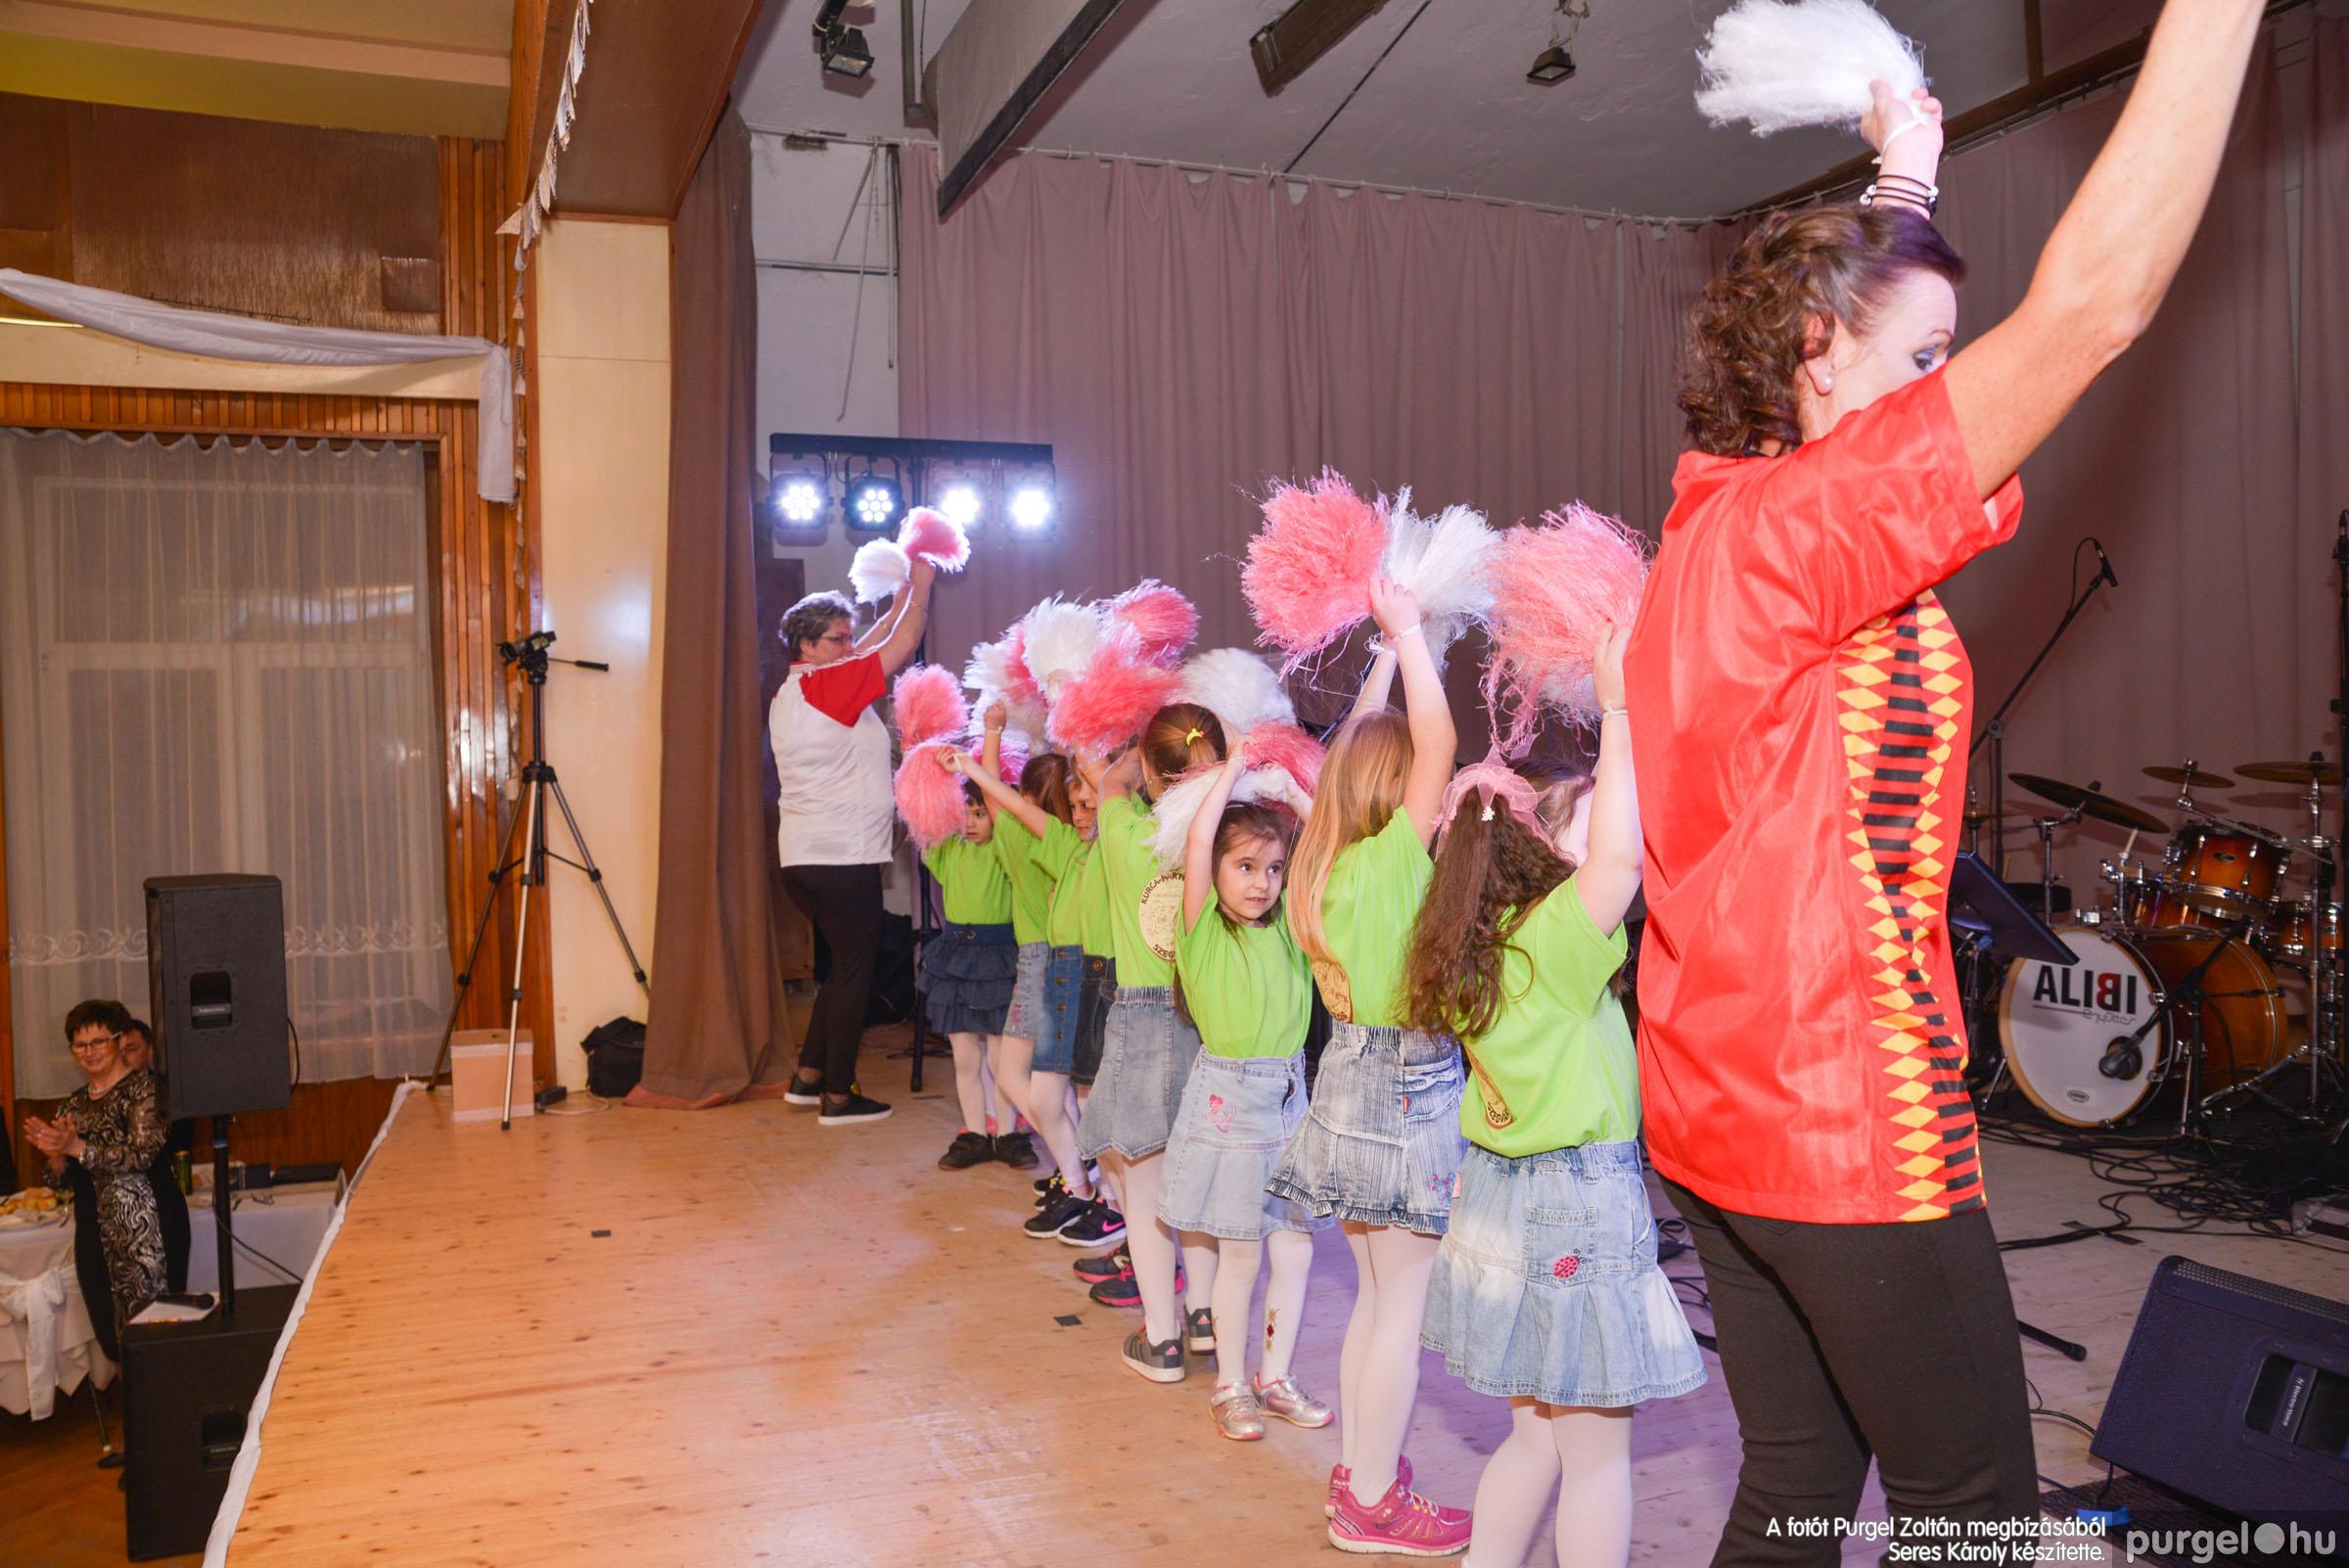 2017.03.11. 013 Kurca-parti Óvoda jótékonysági bál - Fotók:SERES KÁROLY© DSC_8391.jpg